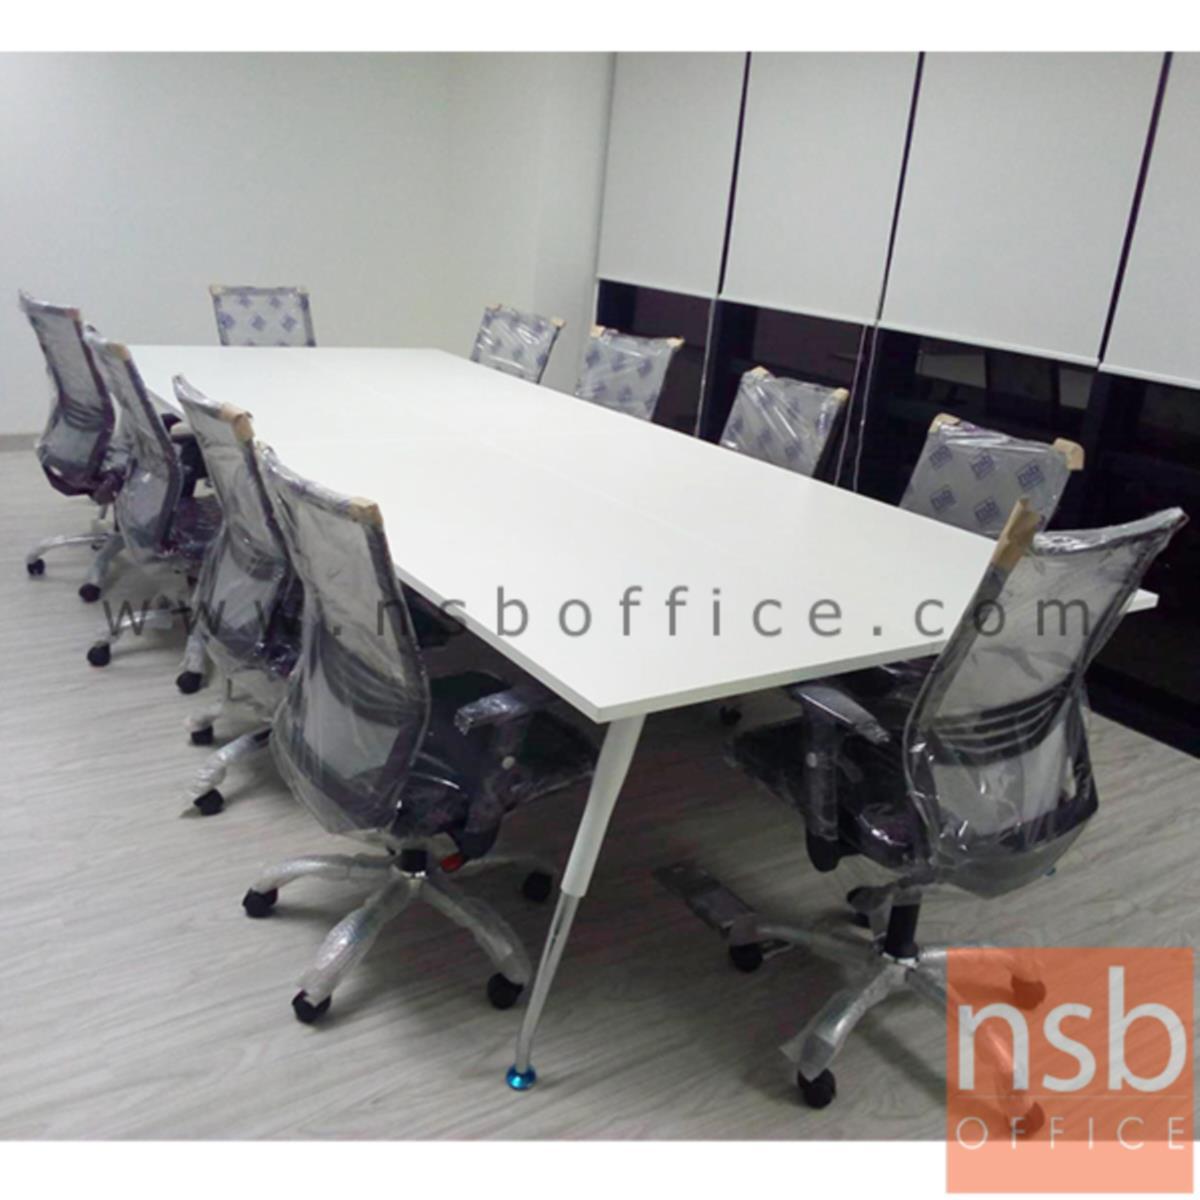 โต๊ะประชุมทรงสี่เหลี่ยมยาว  300W-460W (120D, 150D) cm.  ขาเหล็กปลายเรียว